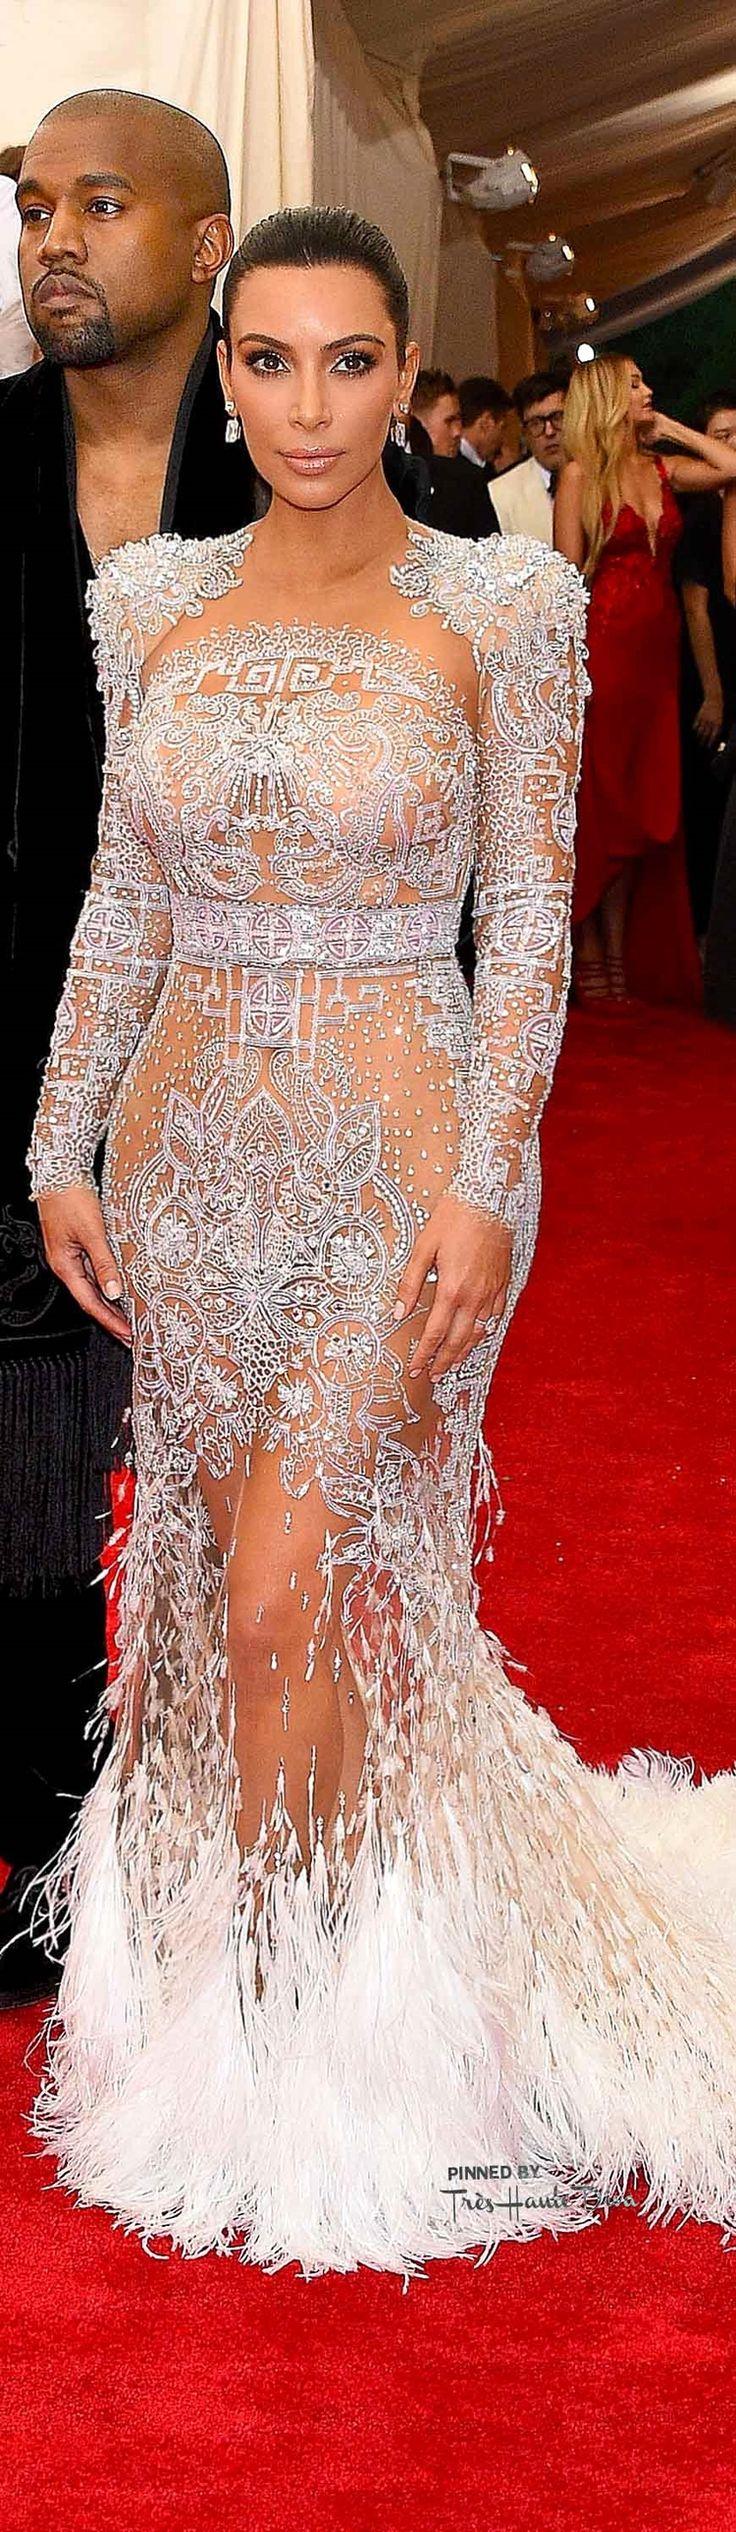 Kim Kardashian and Kanye West wearing Roberto Cavalli at the 2015 Met Gala.